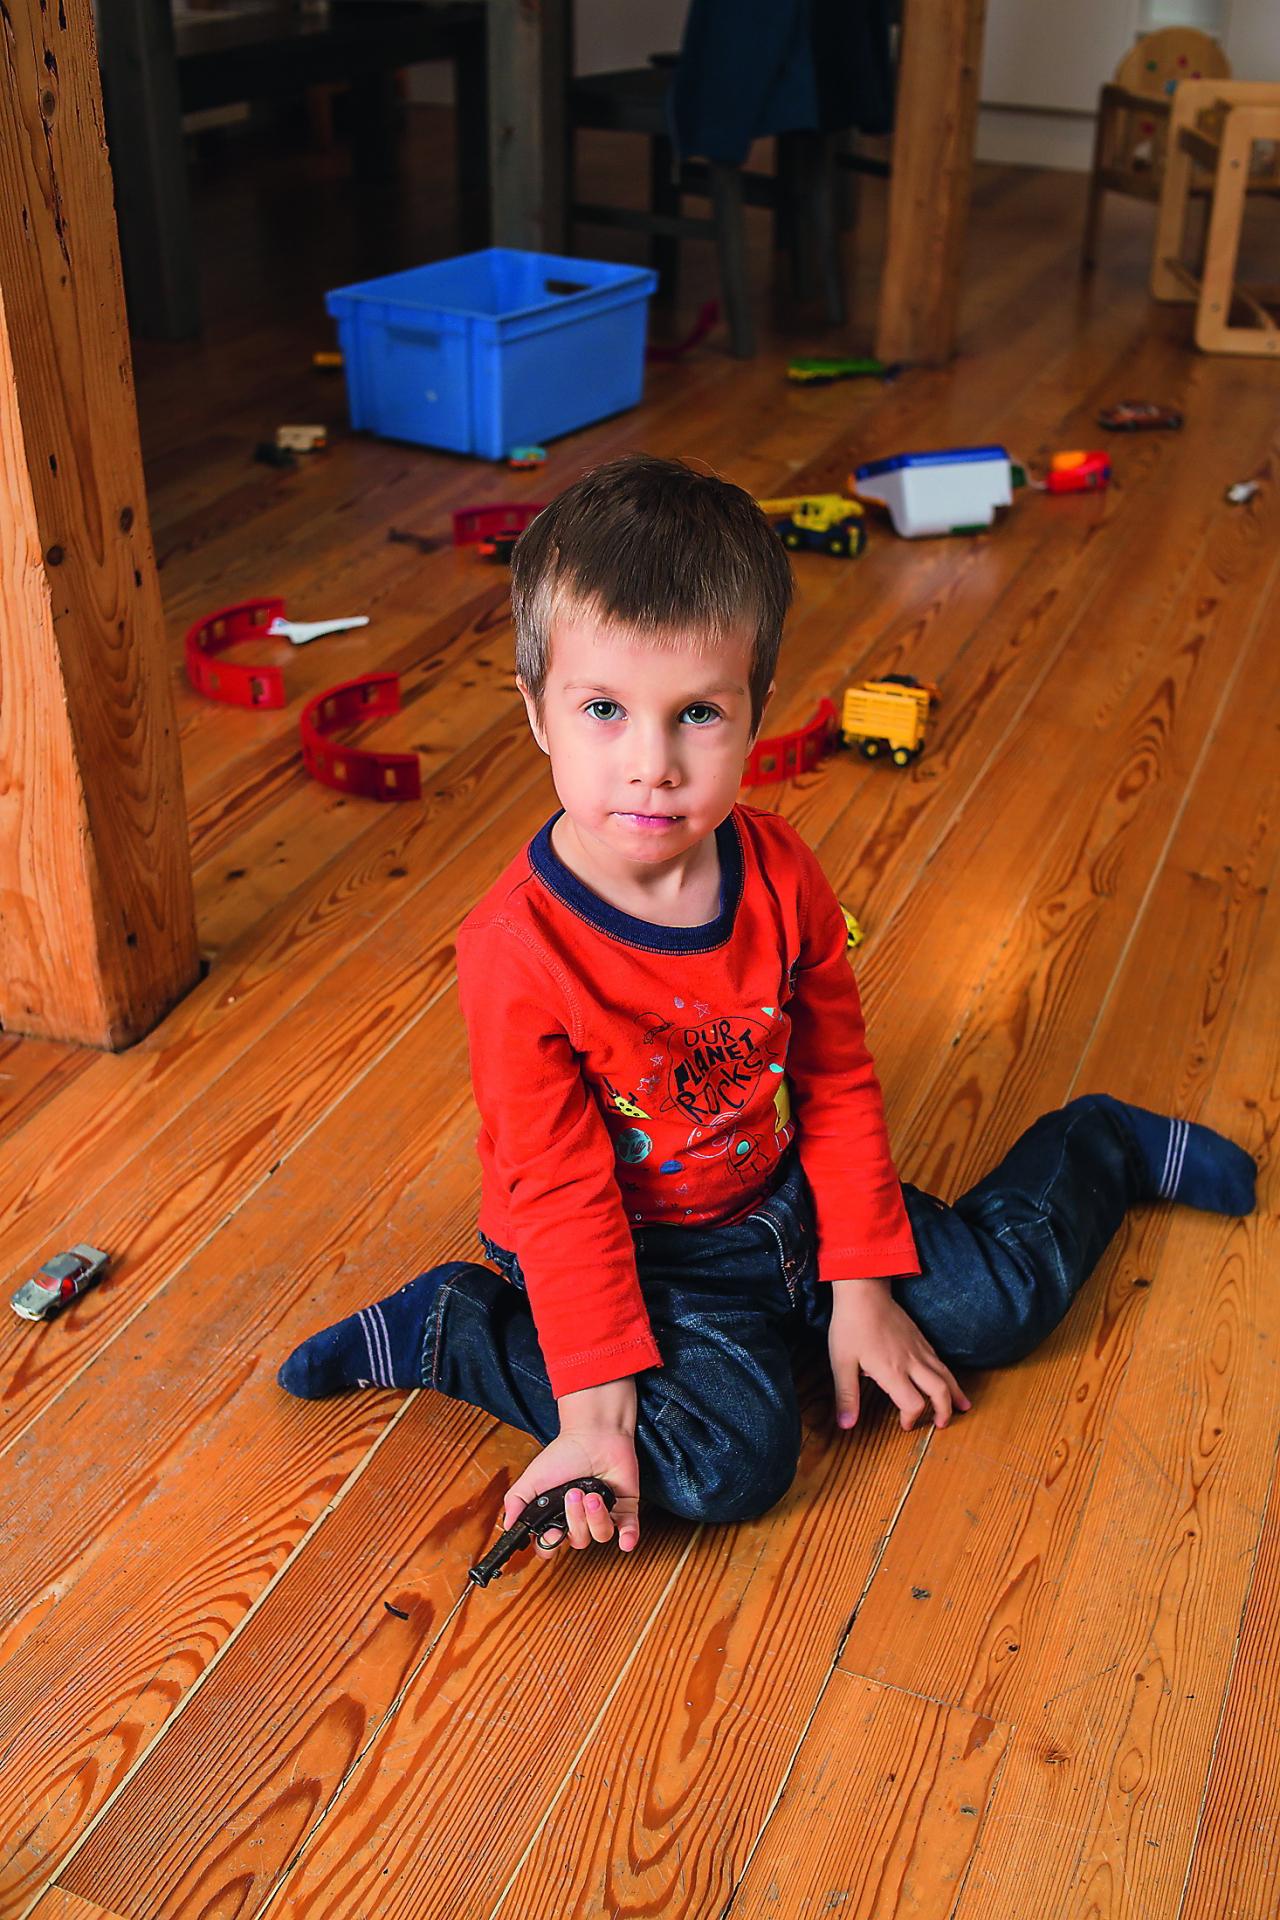 Ja, bērnam sēžot uz grīdas, viņa kājas ir kā w burts, viņš noteikti jāmudina pārsēsties uz celīšiem, lai dupsis ir uz pēdiņām, vai tā dēvētajā turku pozā. Šīs pozas ir pietiekami stabilas un nemaz nav kaitīgas attīstībai.